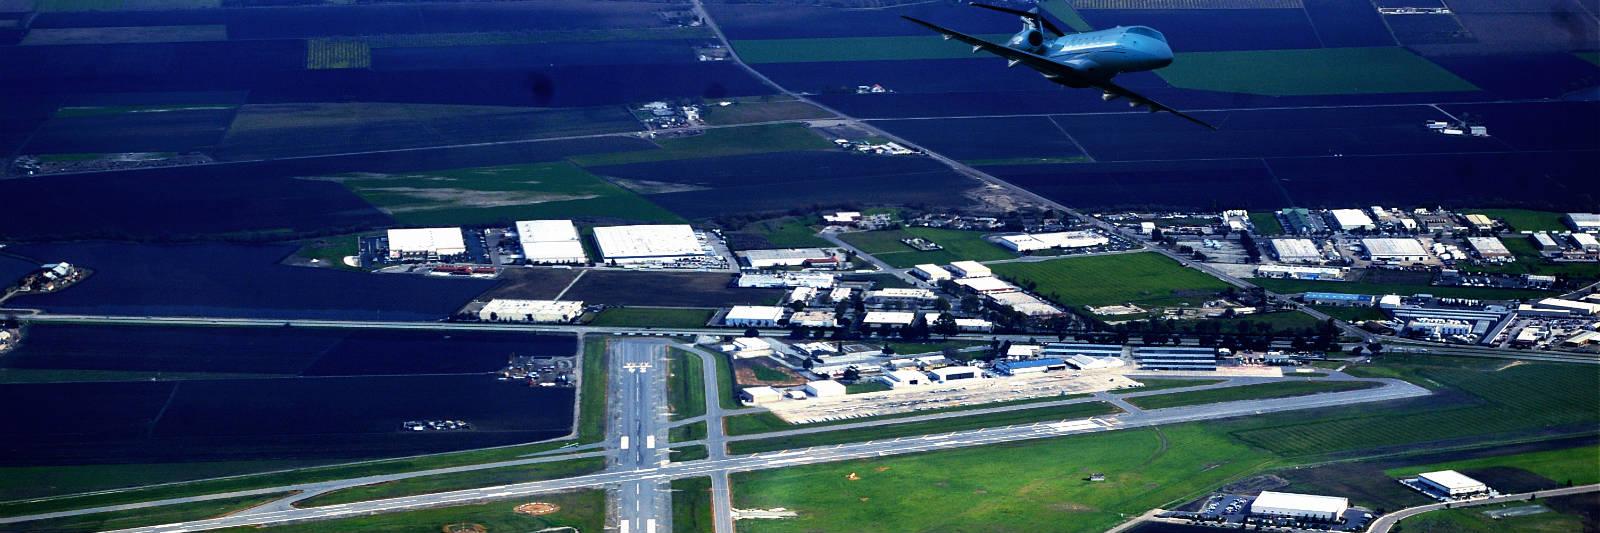 hollister-airport.jpg